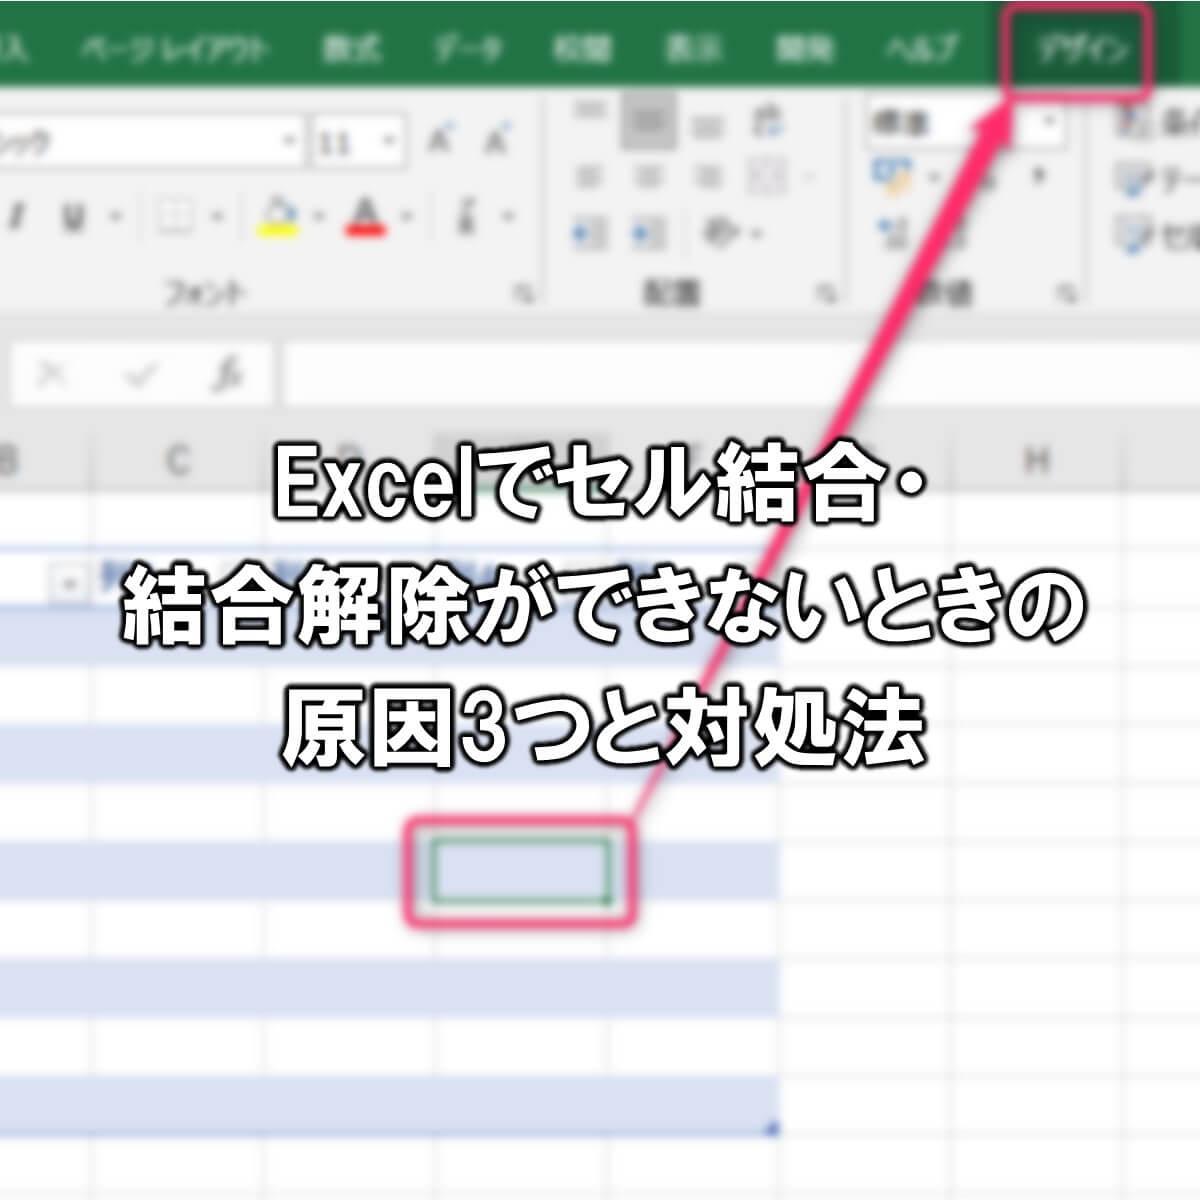 Excelでセル結合・結合解除ができないときの原因3つと対処法